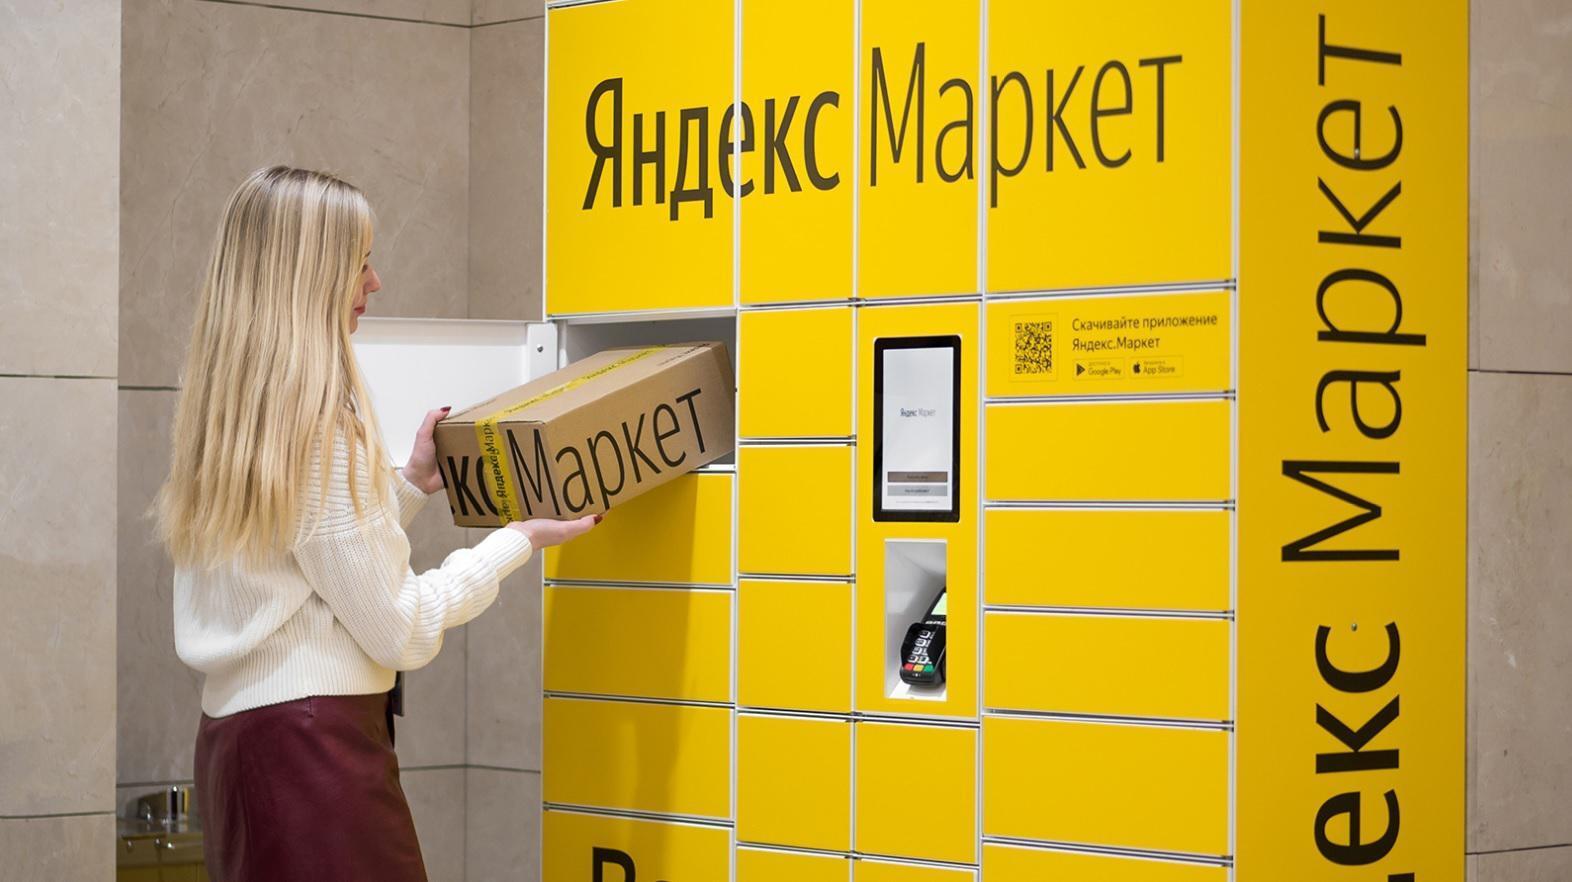 Яндекс.Маркет обвинили в увеличении цены товара после оформления заказа